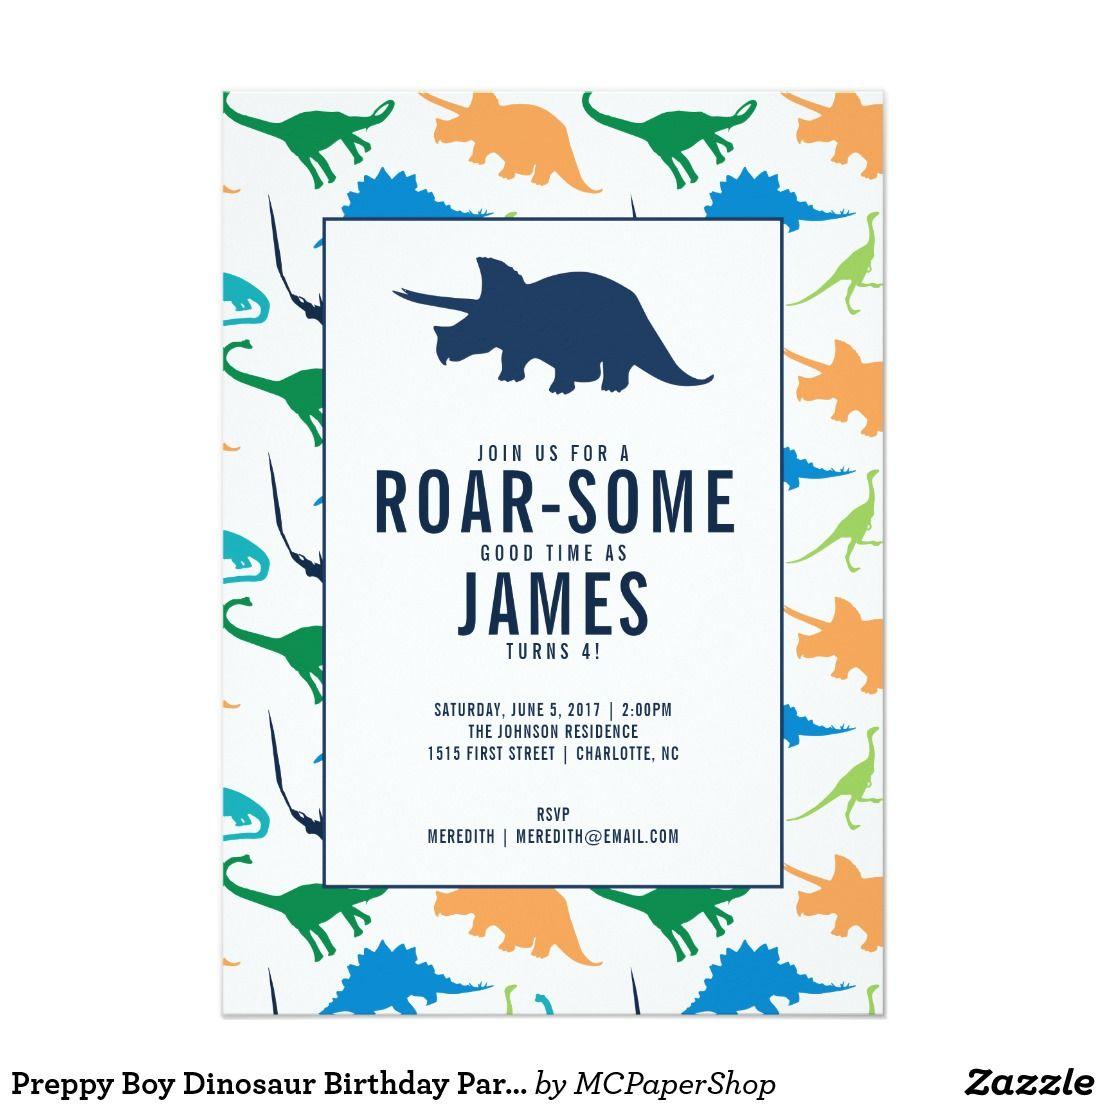 Preppy Boy Dinosaur Birthday Party Invitation | Children | Pinterest ...